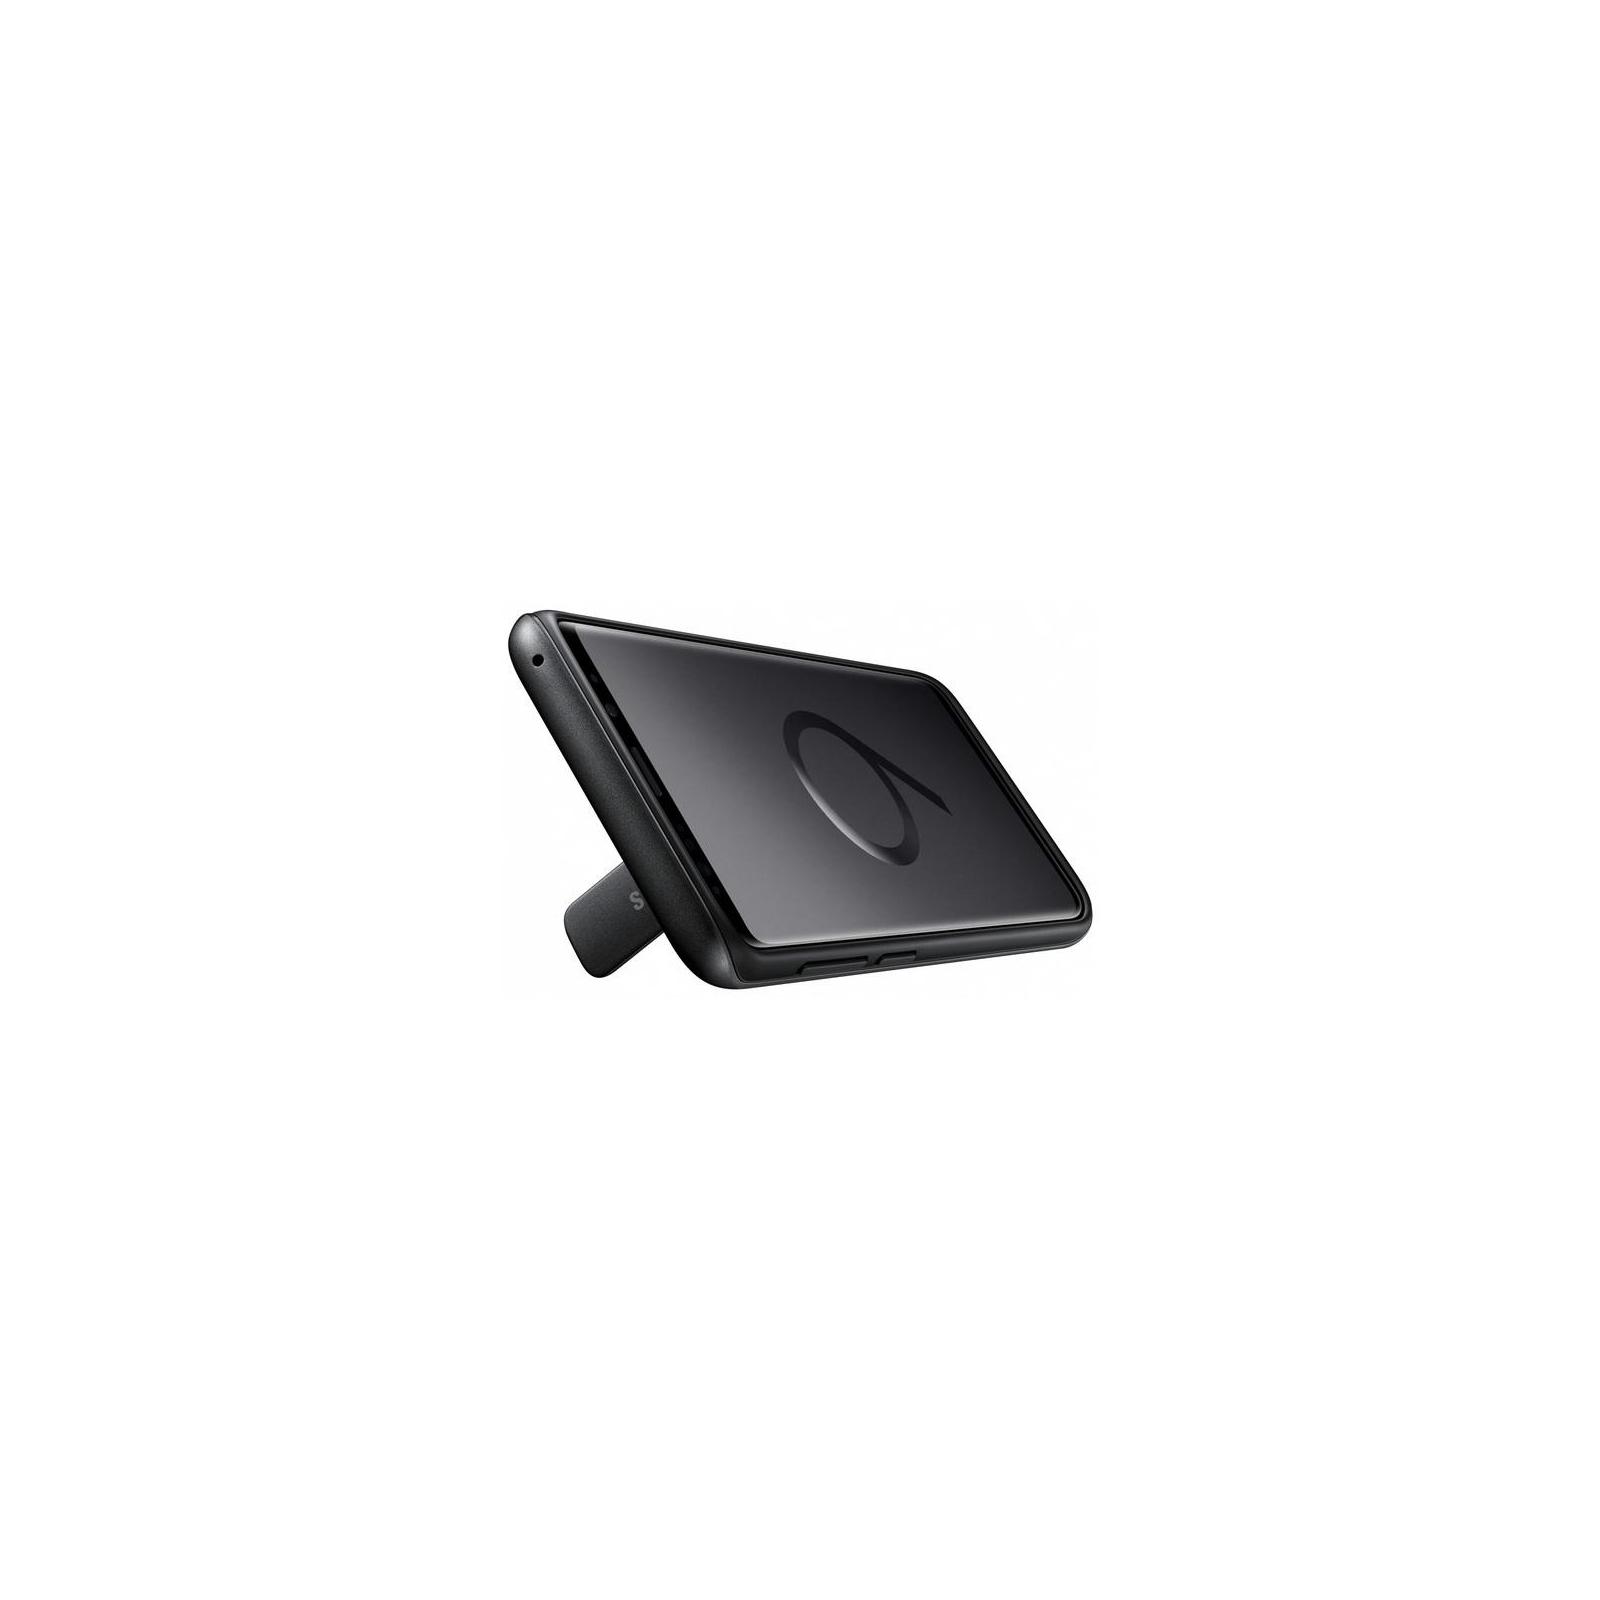 Чехол для моб. телефона Samsung для Galaxy S9+ (G965) Protective Stadning Black (EF-RG965CBEGRU) изображение 4